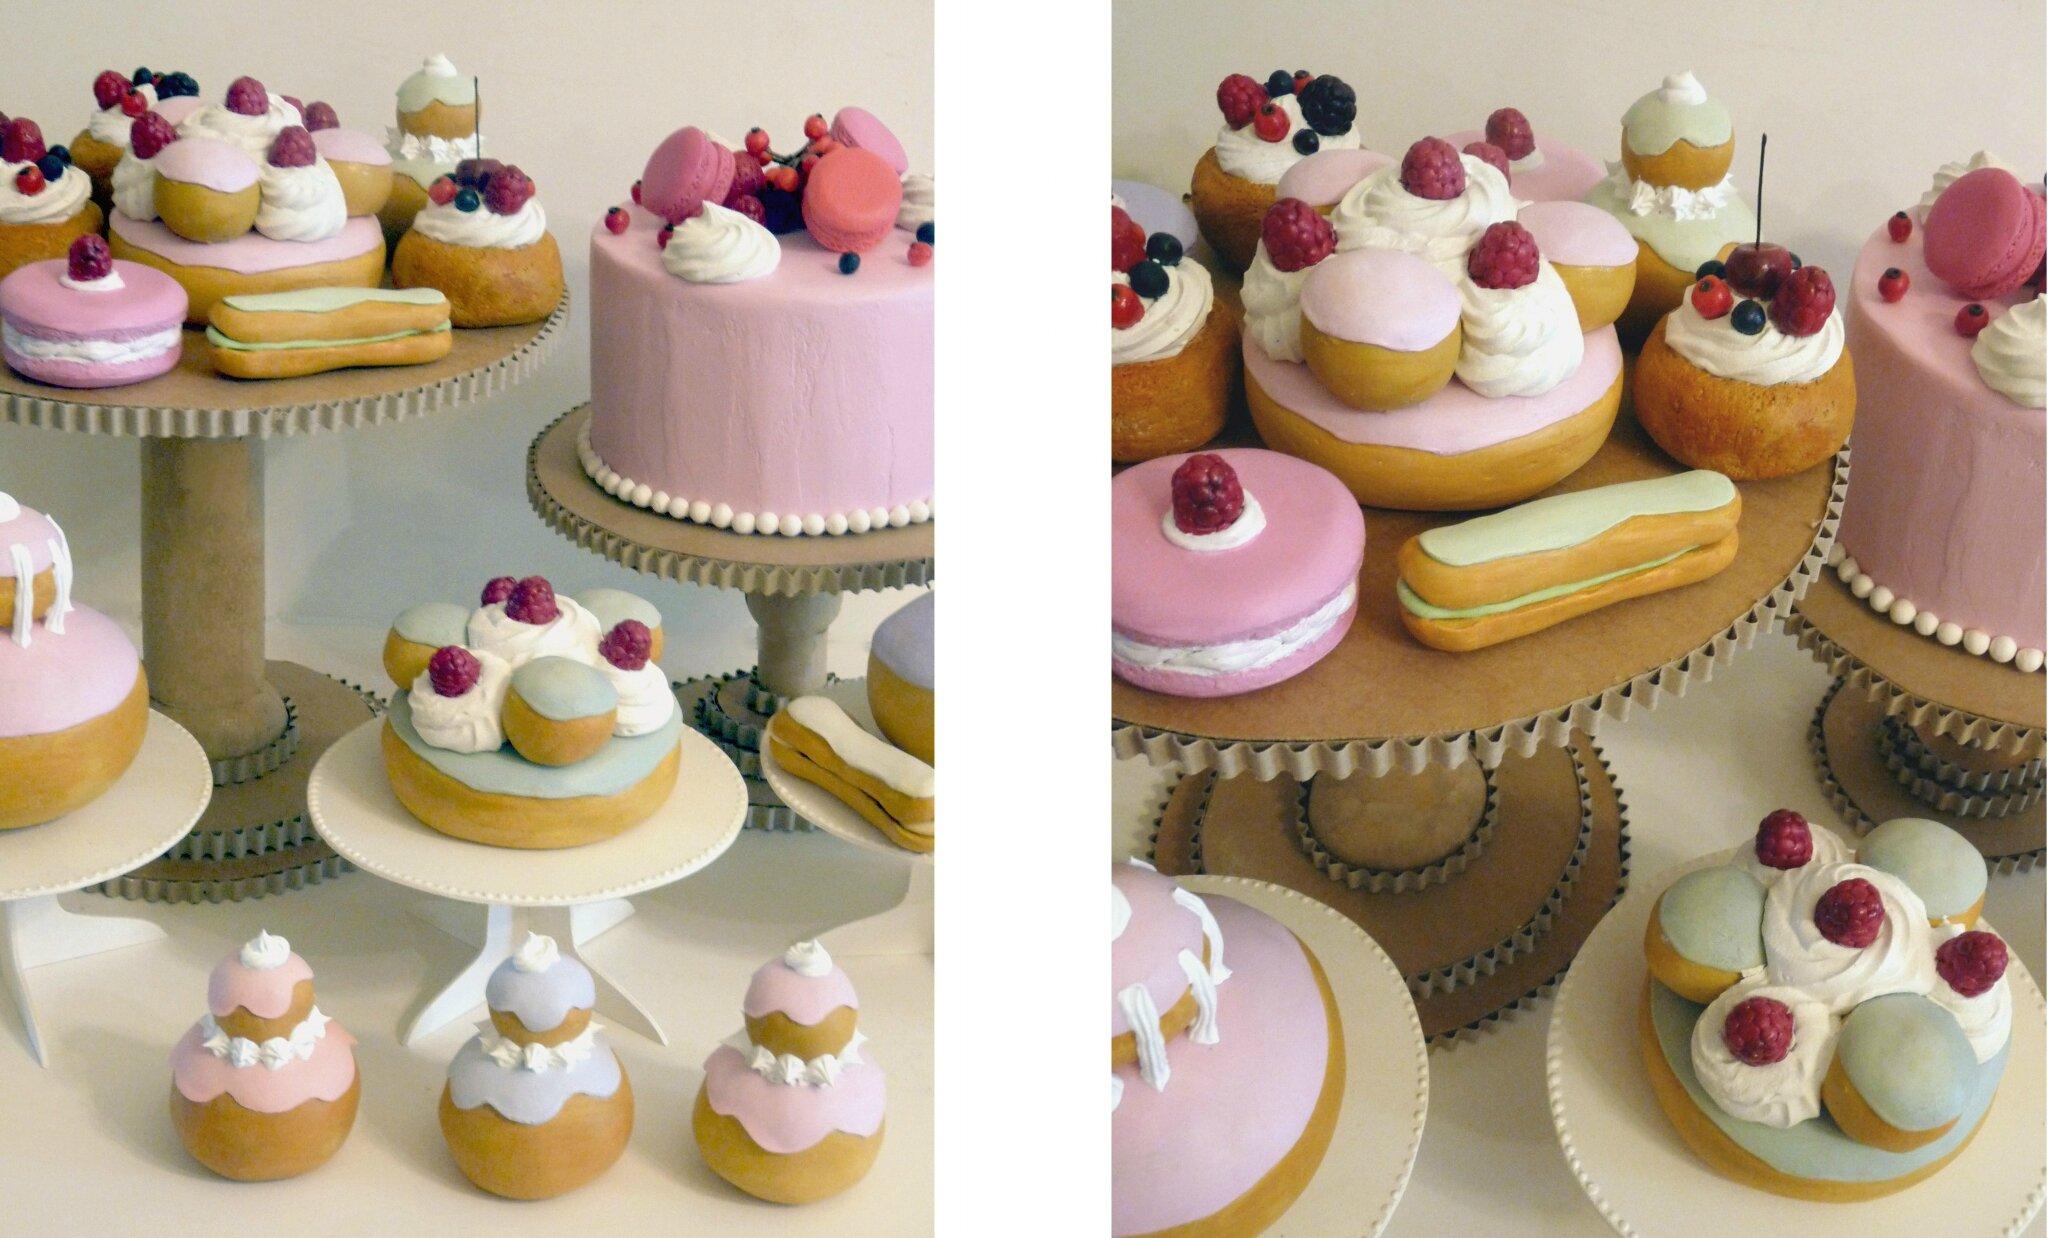 Buffet de pâtisseries, esprit XVIIIe , Marie Antoinette